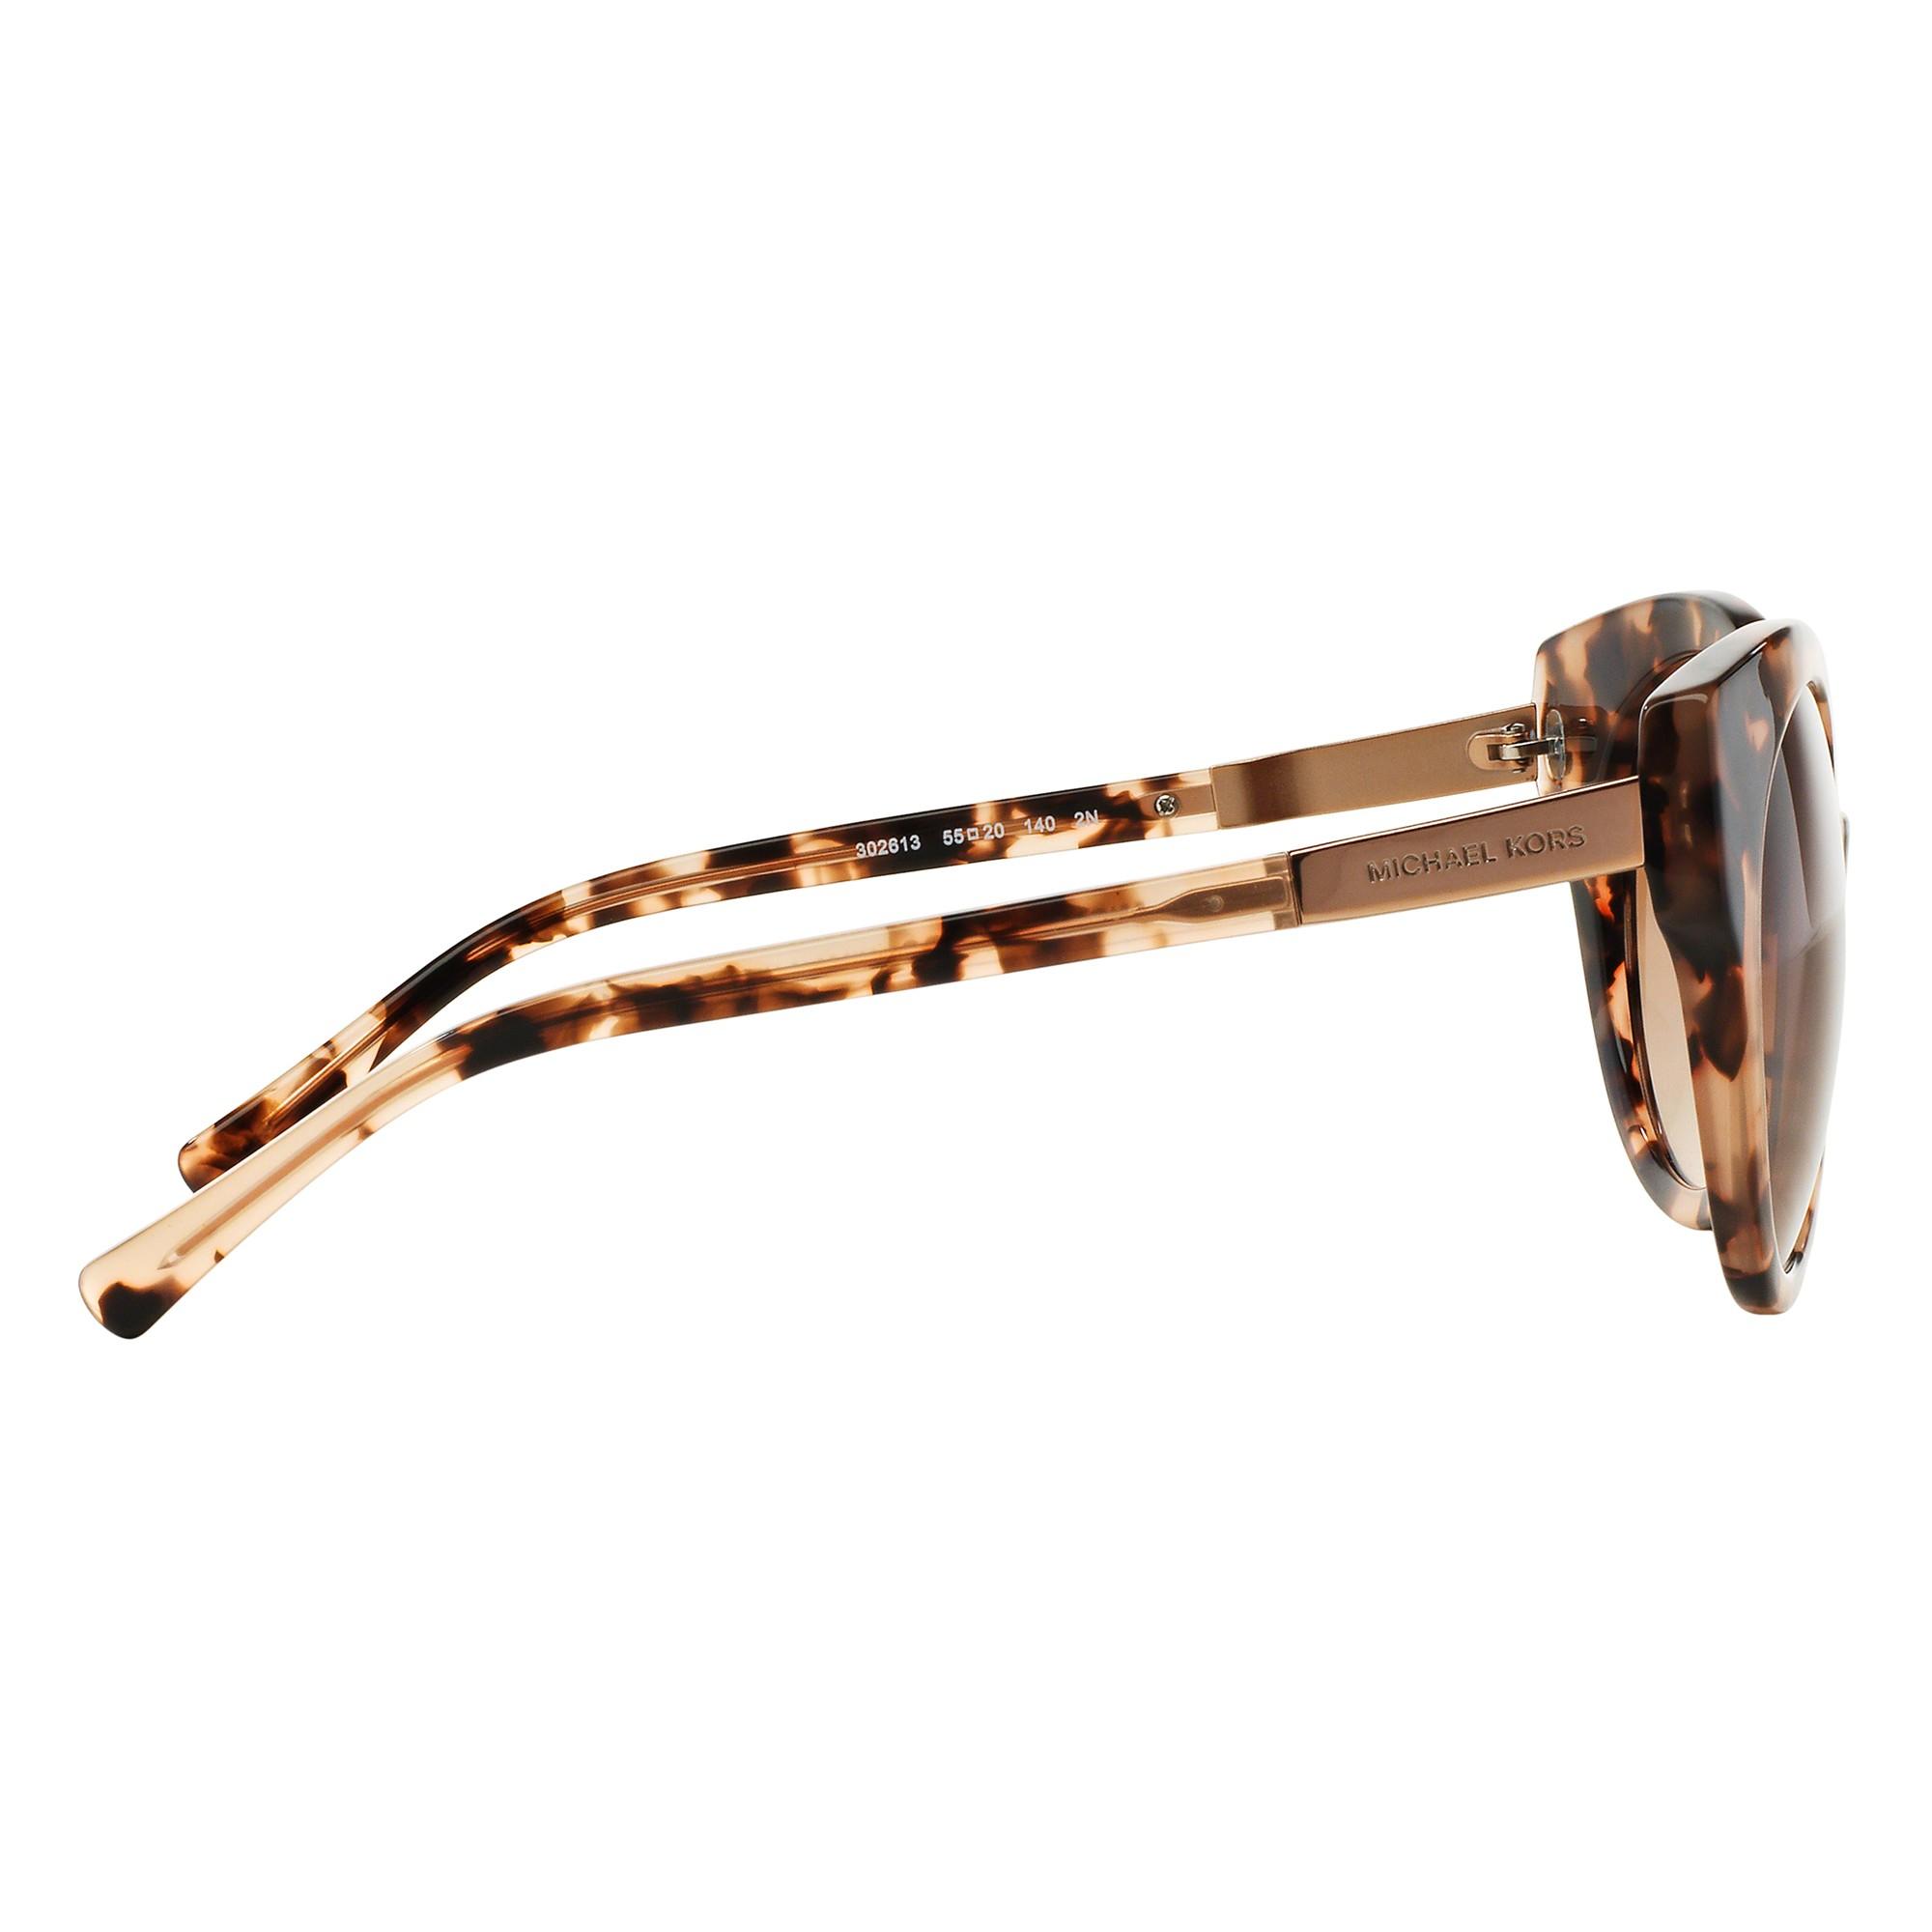 eabde5c4f2 Michael Kors Mk2019 Adelaide I Round Sunglasses - Lyst